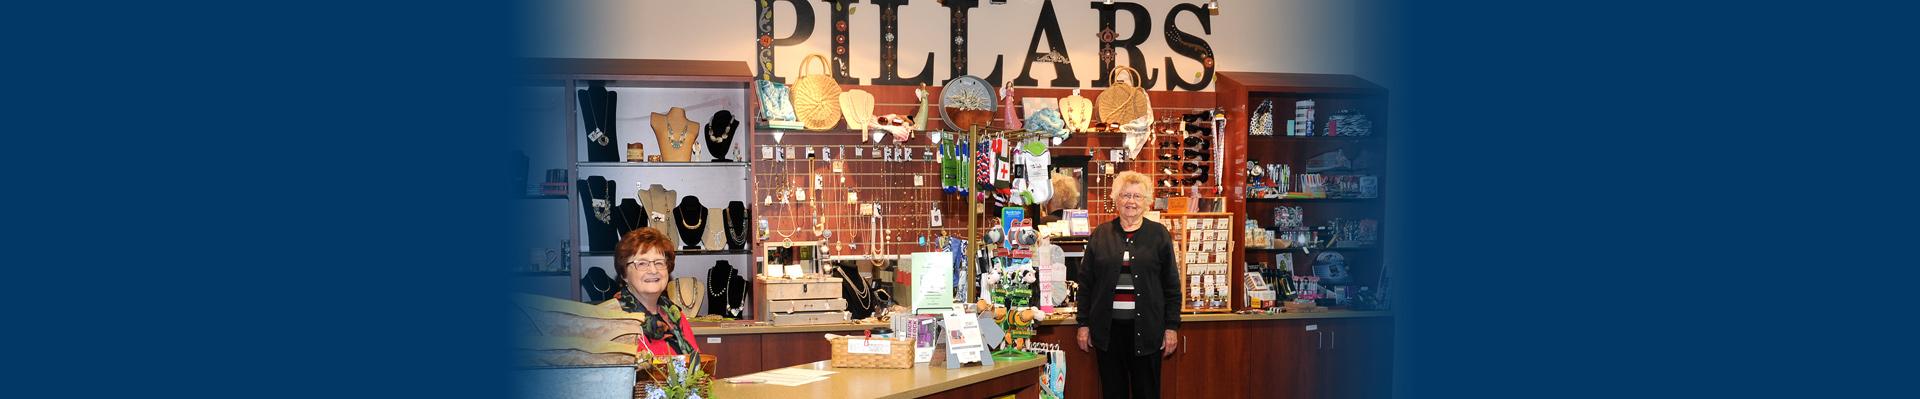 Pillars Gift Shop.